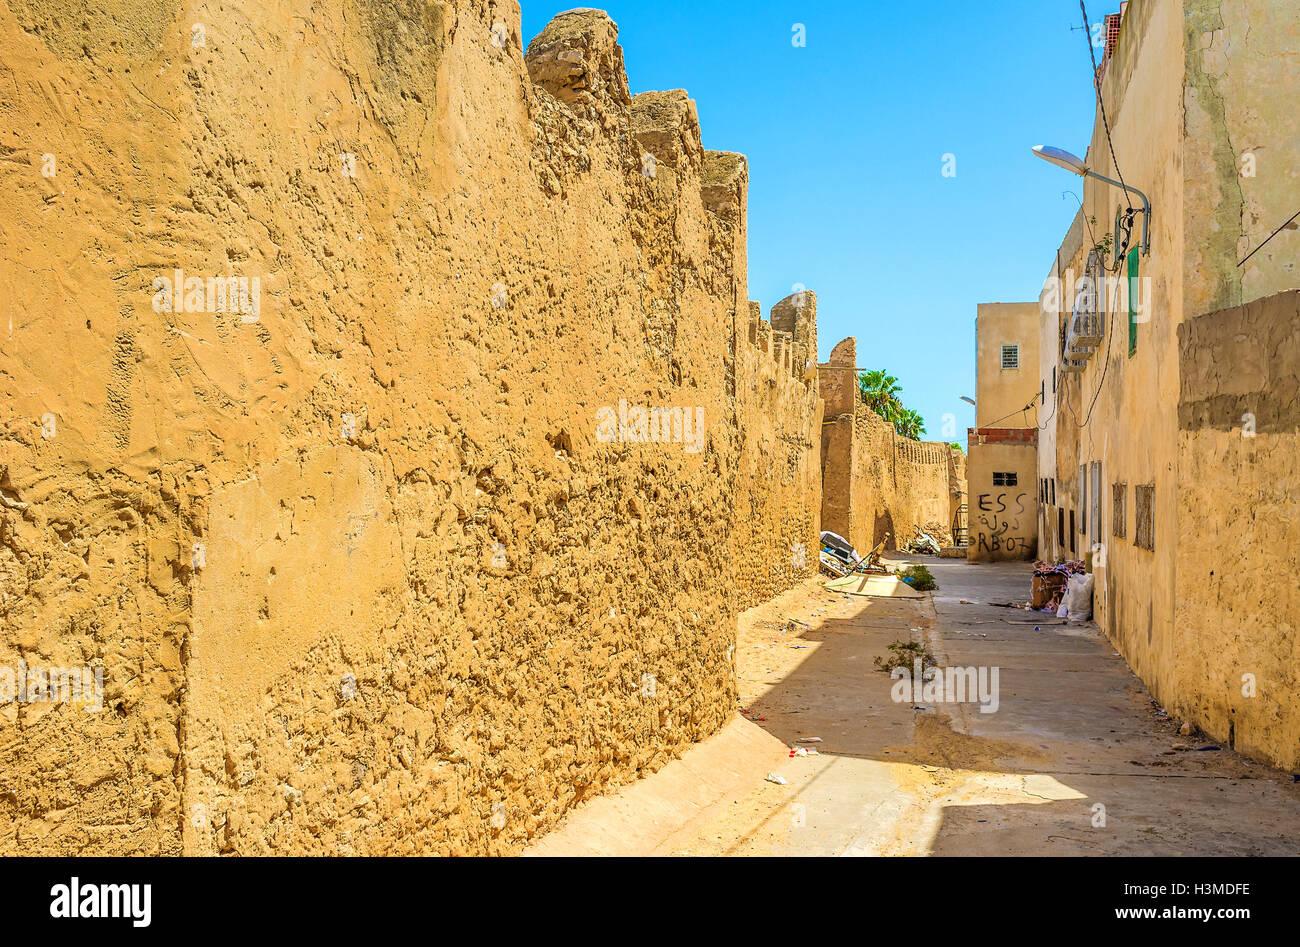 Il vecchio Sfax è la tipica medievale città araba con ben conservate Mura, strade strette e case antiche, Immagini Stock